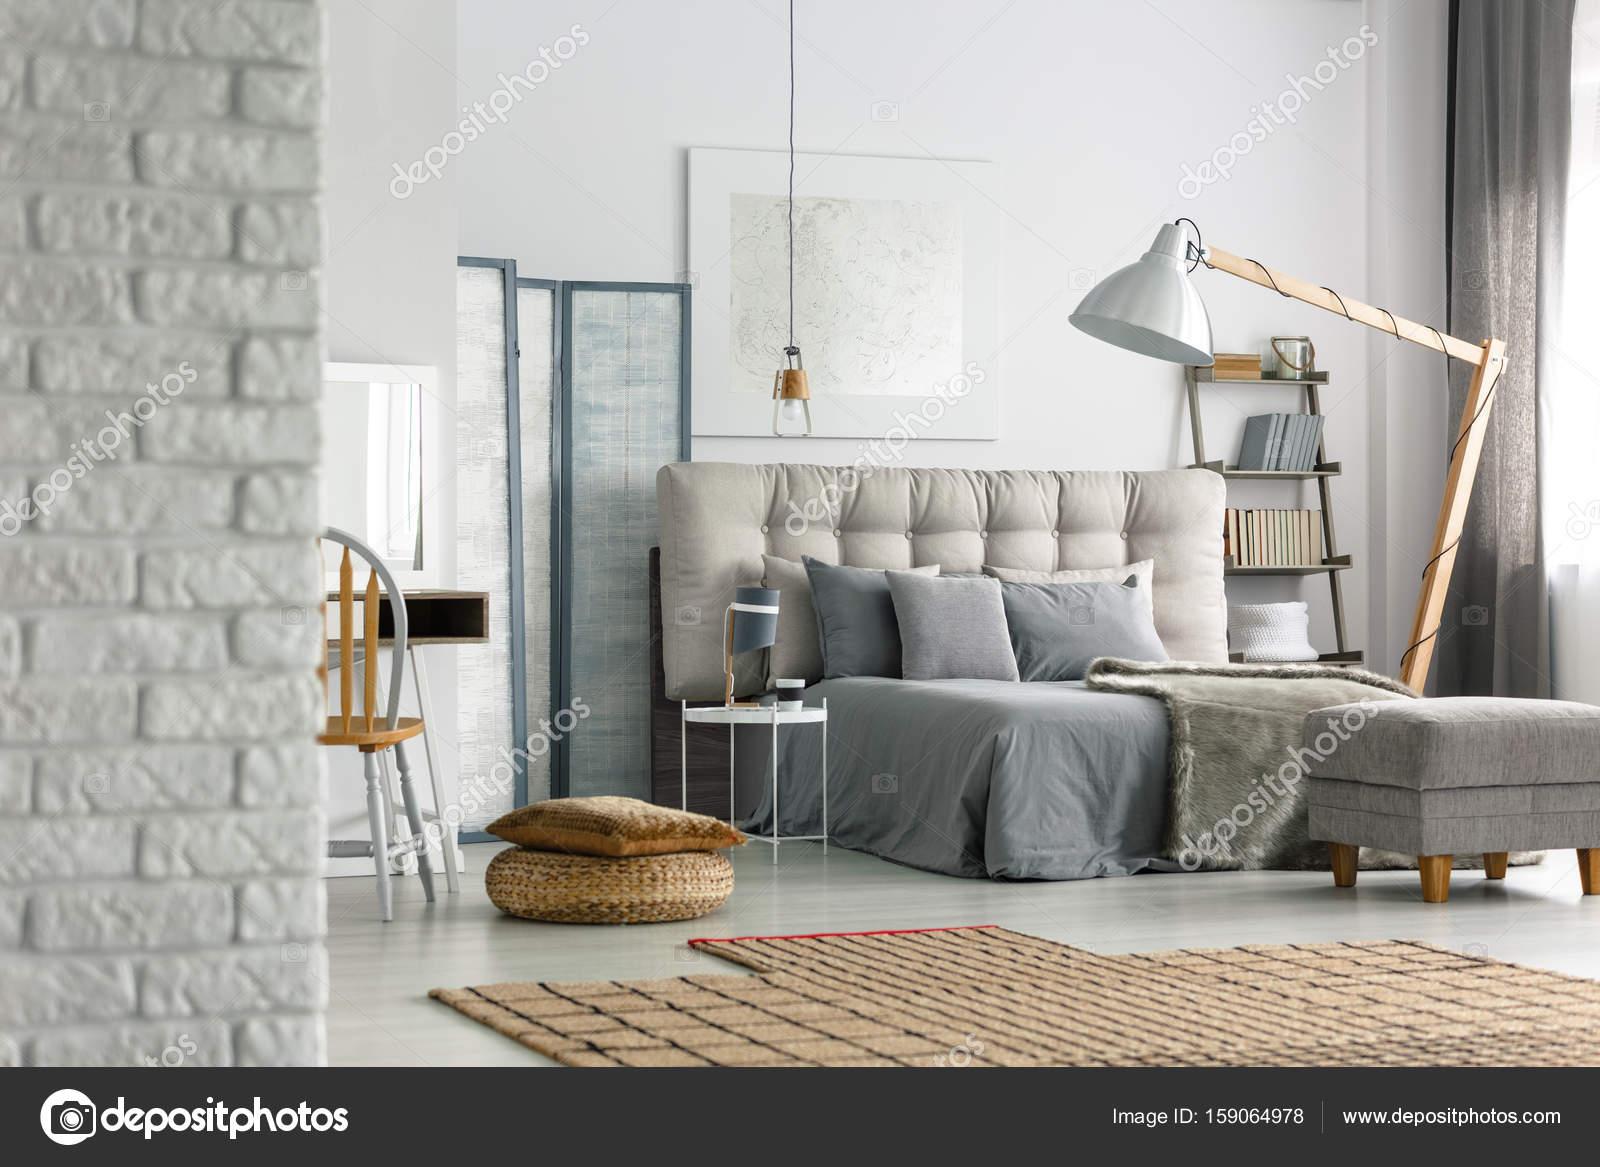 Camera da letto in soppalco — Foto Stock © photographee.eu #159064978